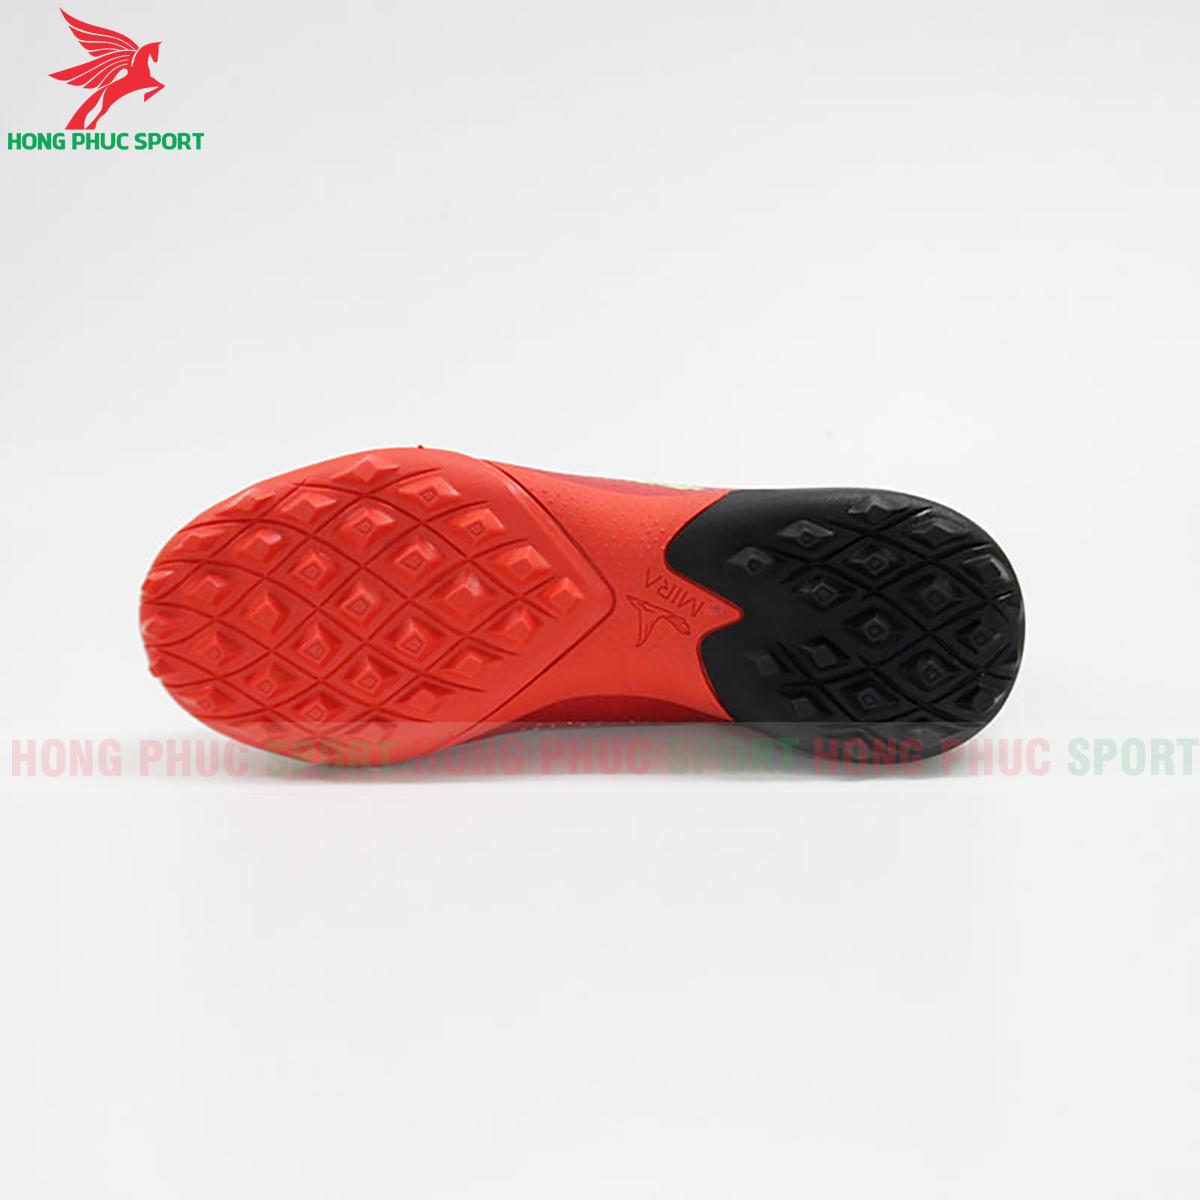 Giày Mira Lux 20.3 sân cỏ nhân tạo đỏ phối đen (đế)